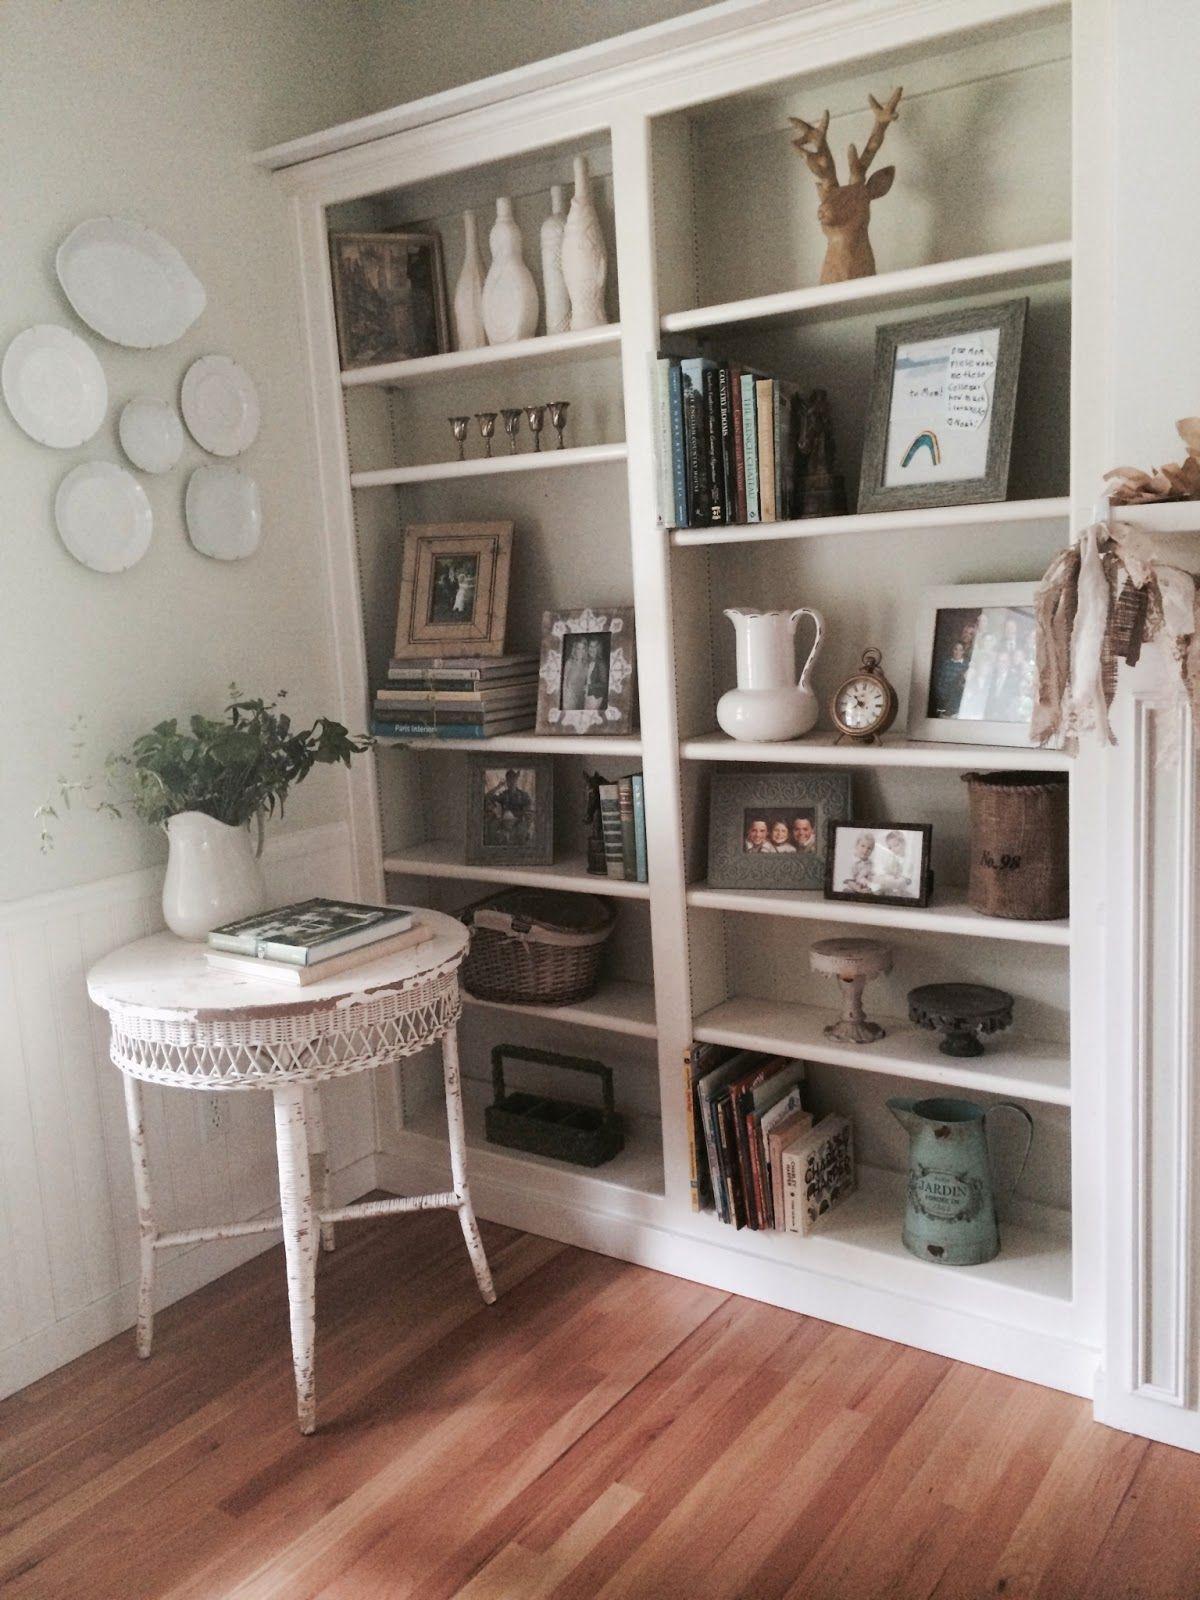 37+ Farmhouse living room shelf decor information